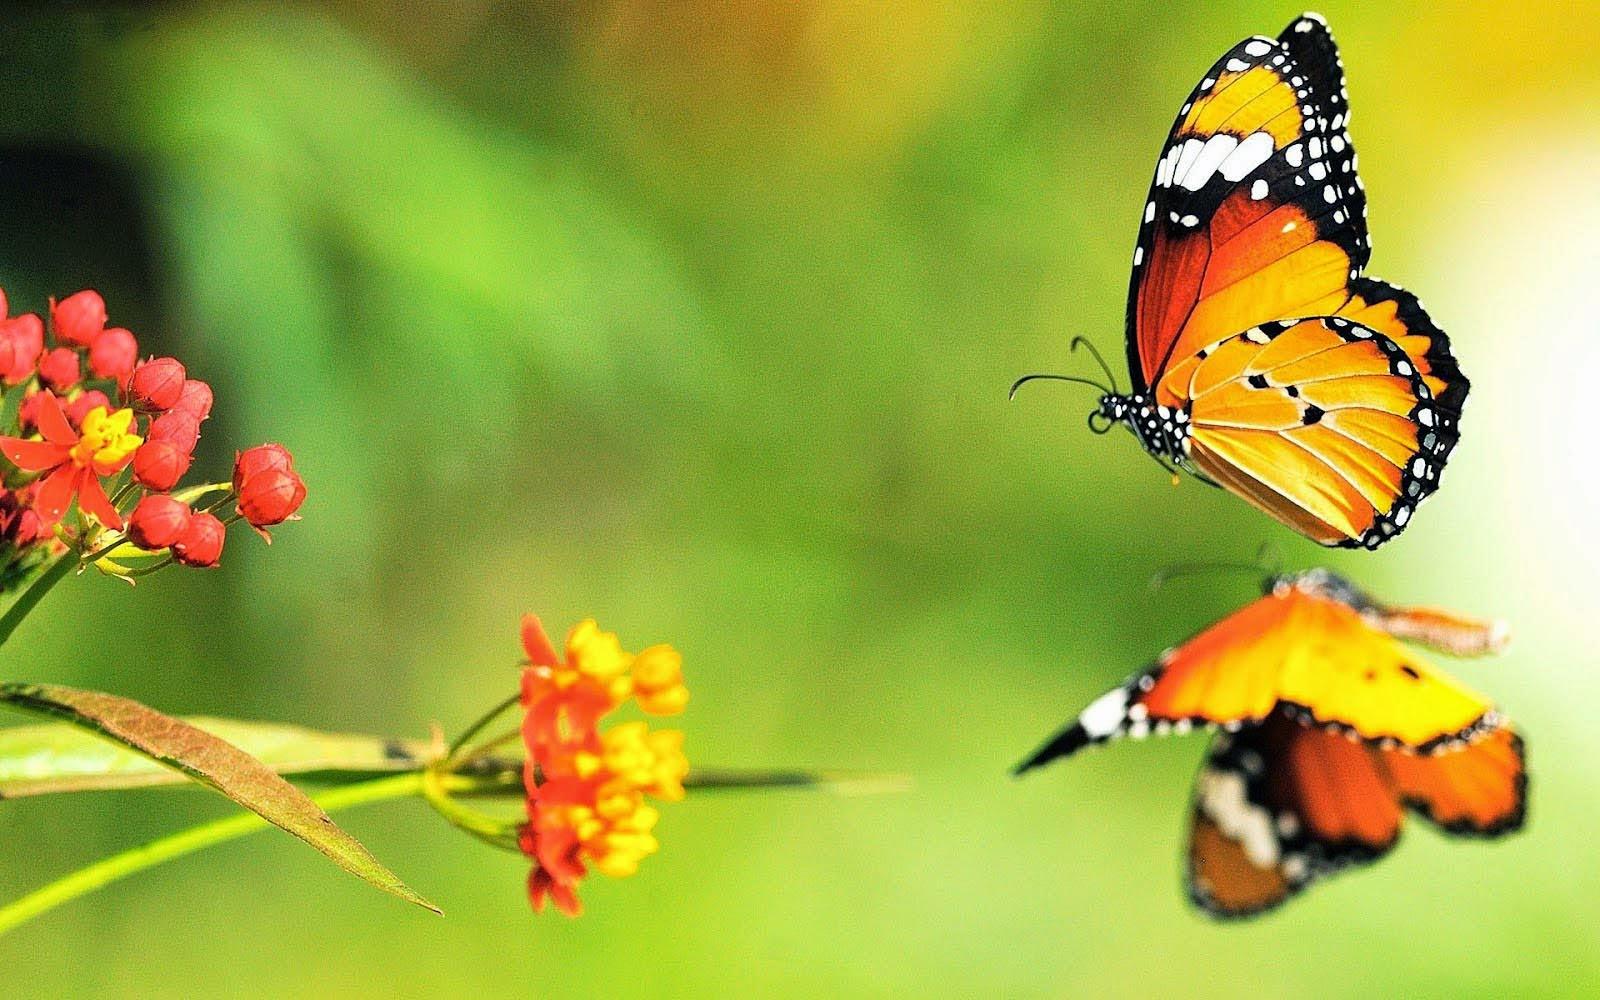 3D Butterfly Desktop Backgrounds | Wallpaper view